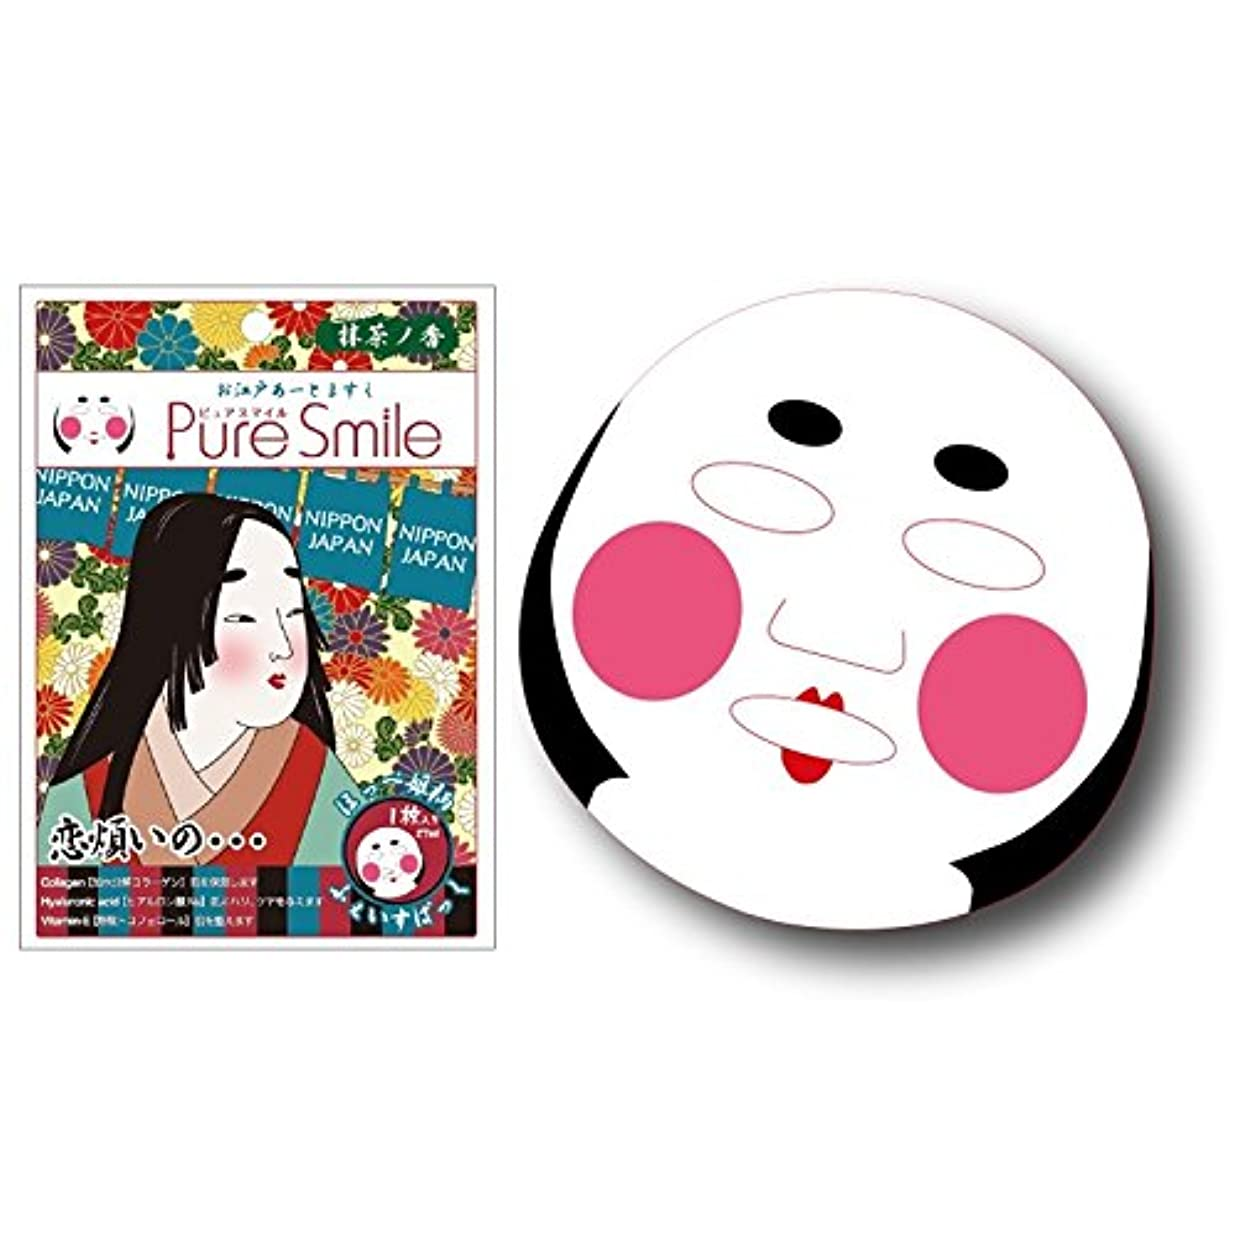 ライド悲劇比較的Pure Smile お江戸アートマスク (ほっぺ姫)